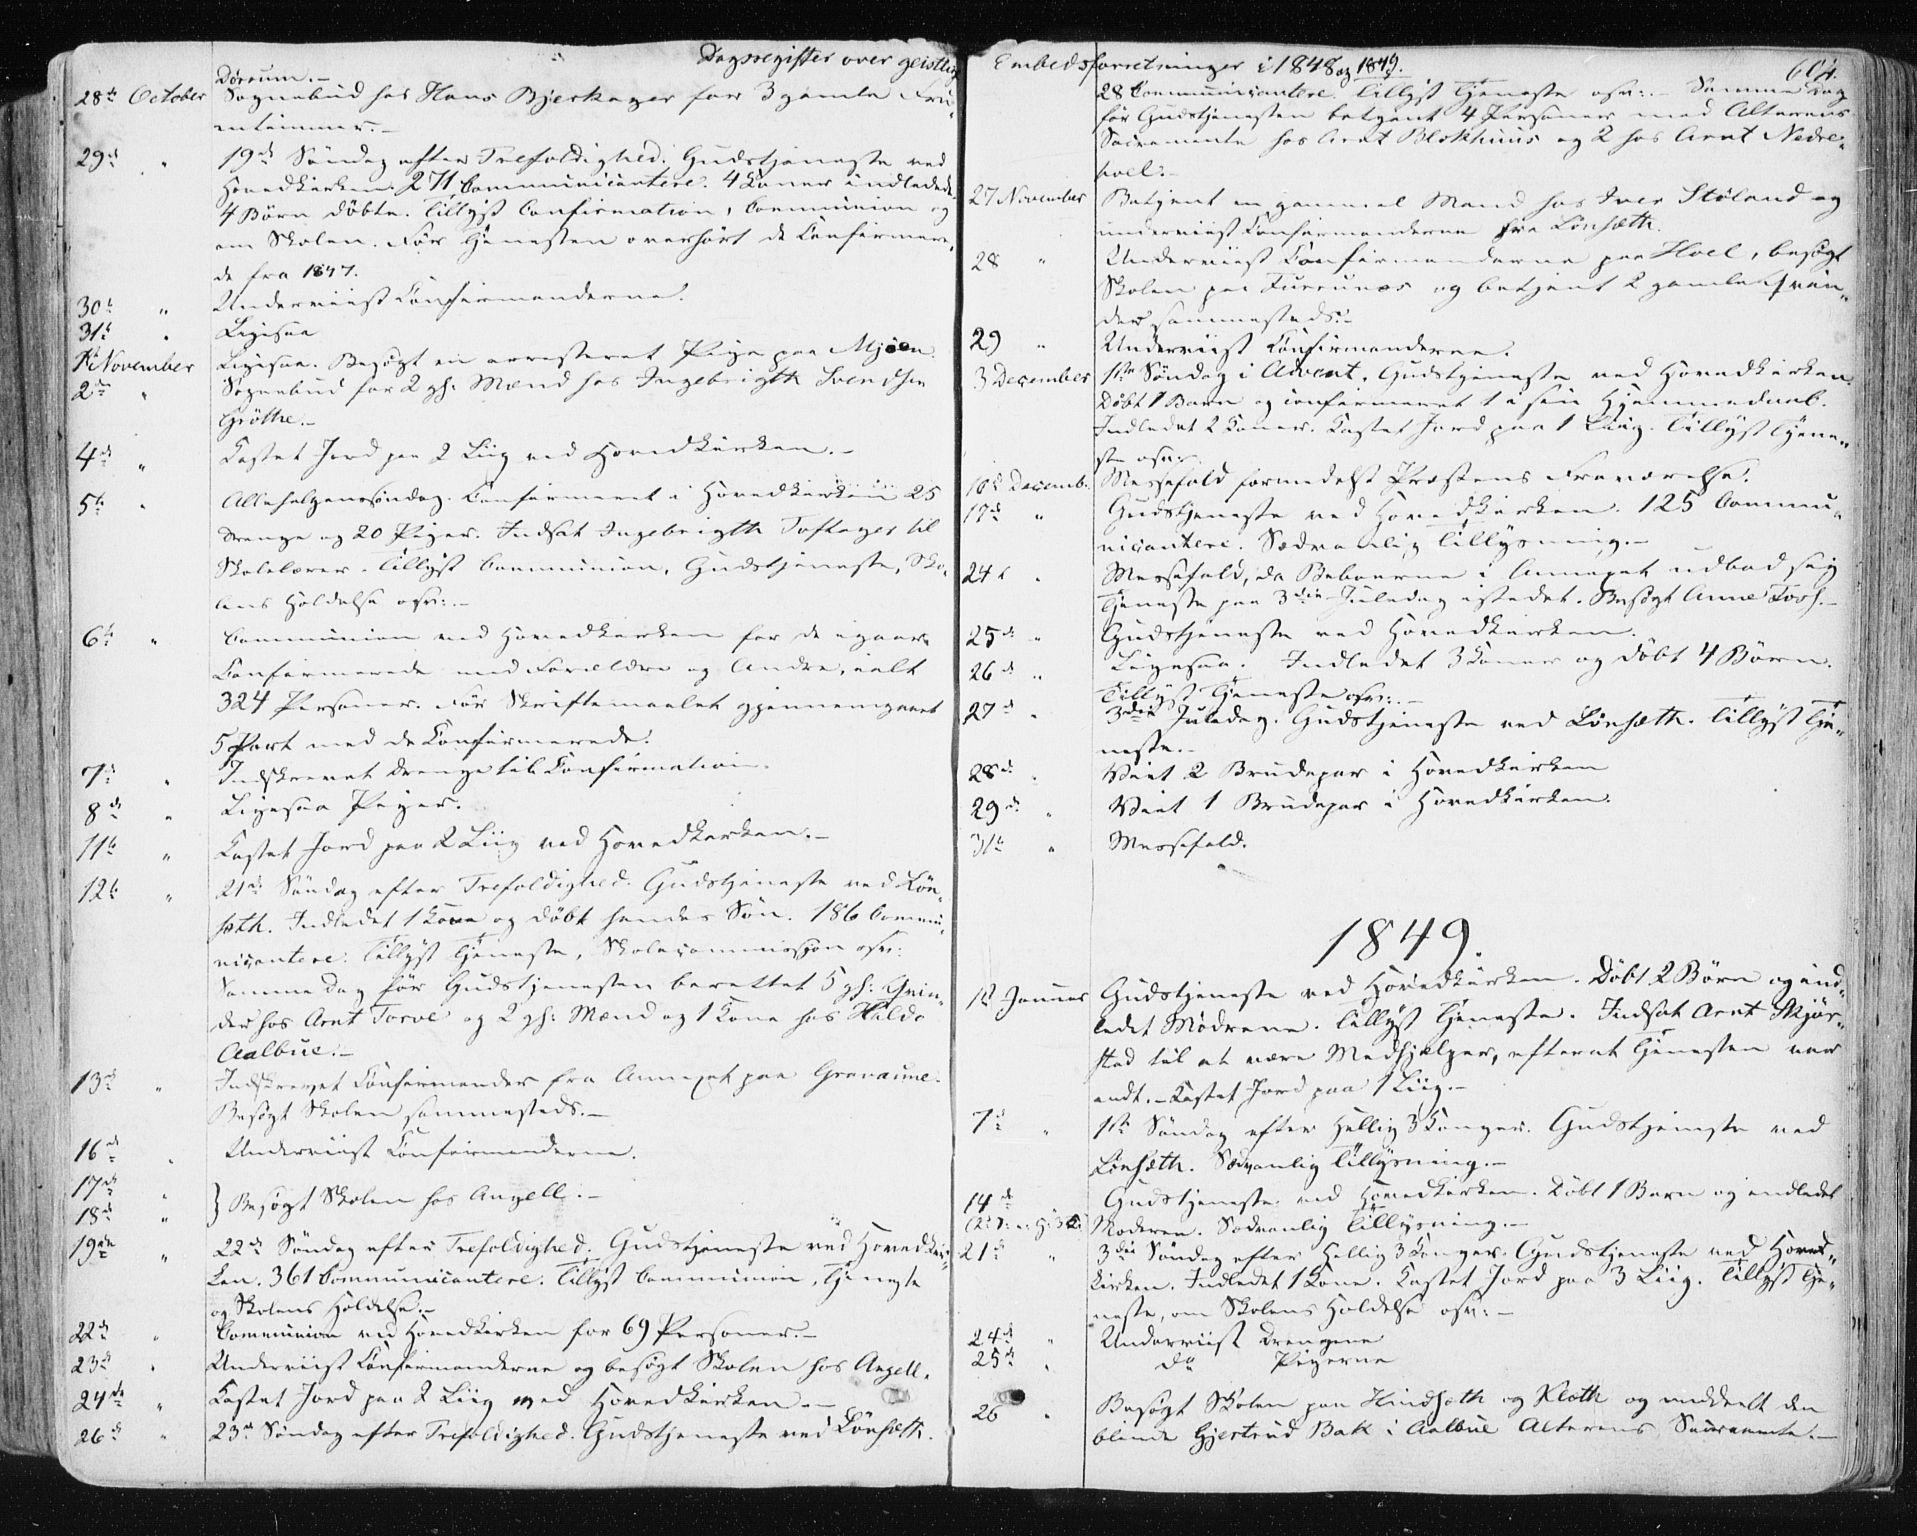 SAT, Ministerialprotokoller, klokkerbøker og fødselsregistre - Sør-Trøndelag, 678/L0899: Ministerialbok nr. 678A08, 1848-1872, s. 604